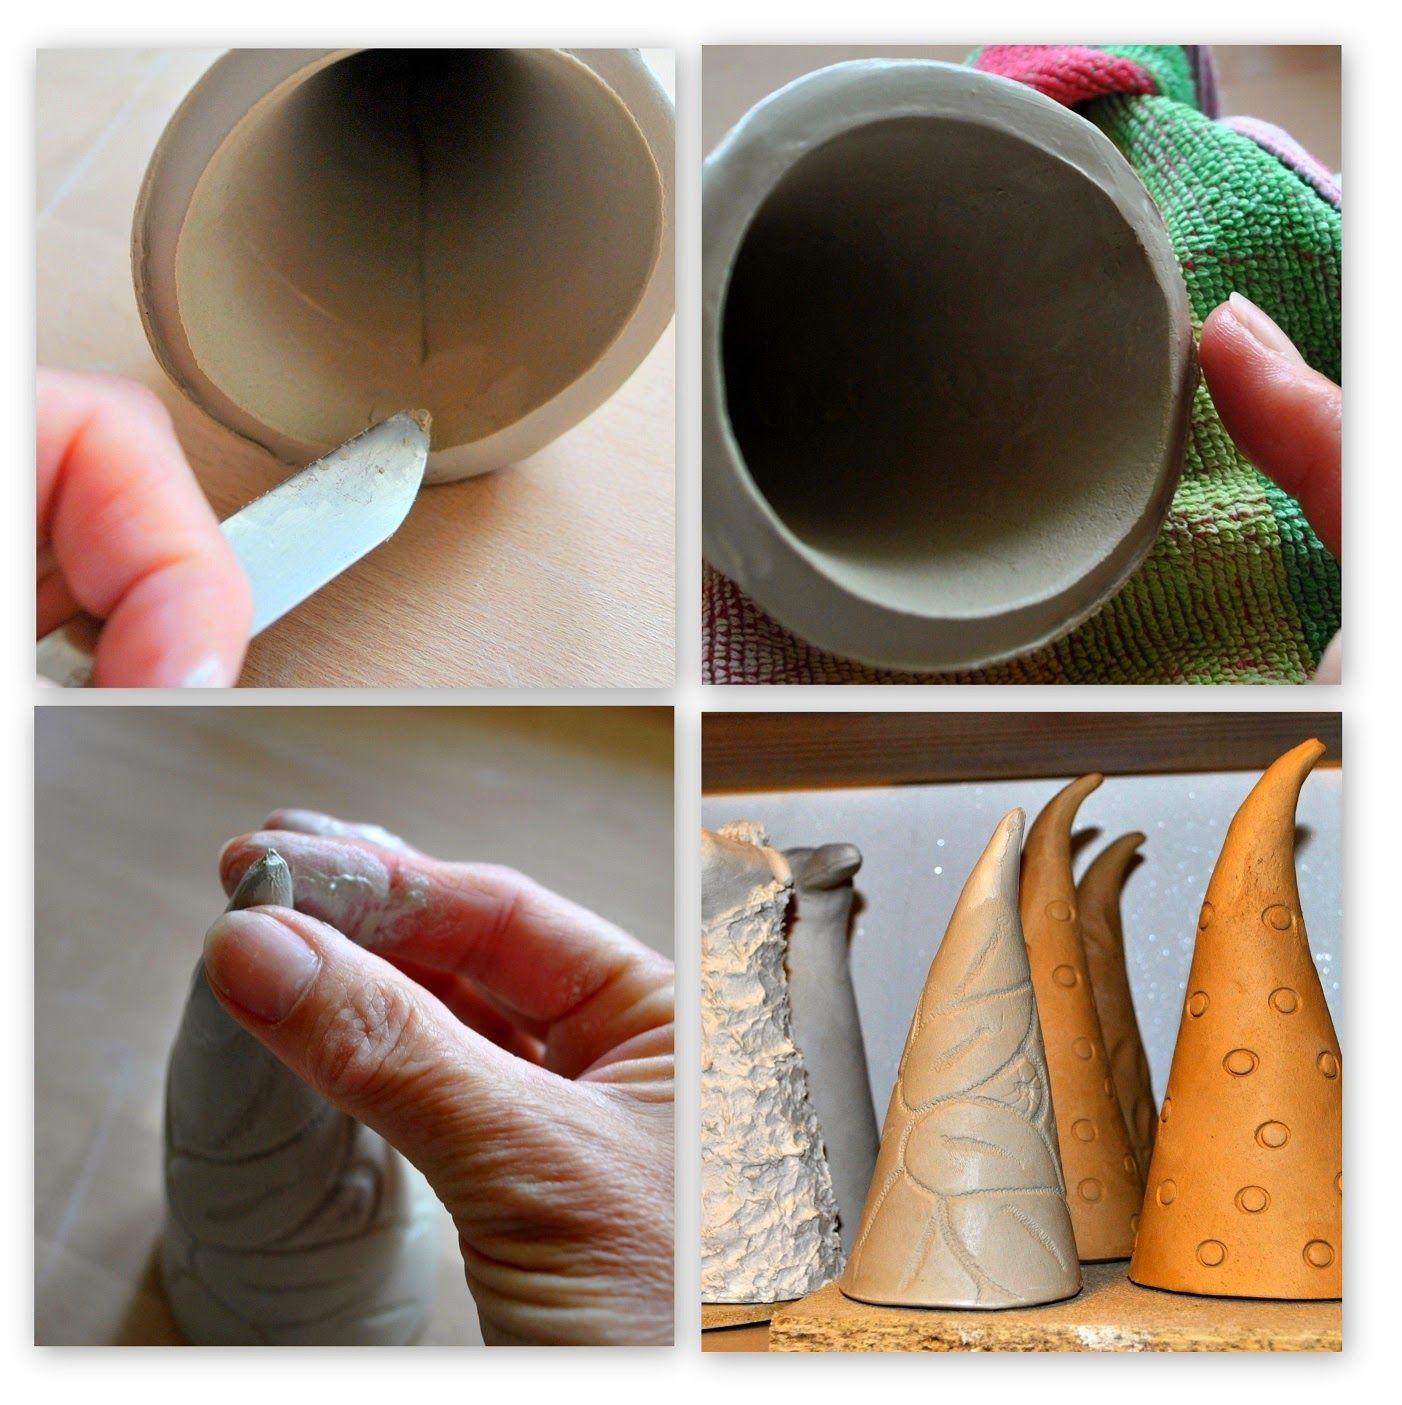 gartendeko blog k ferzipfels weg in den garten fimo und keramik pinterest gartendeko weg. Black Bedroom Furniture Sets. Home Design Ideas